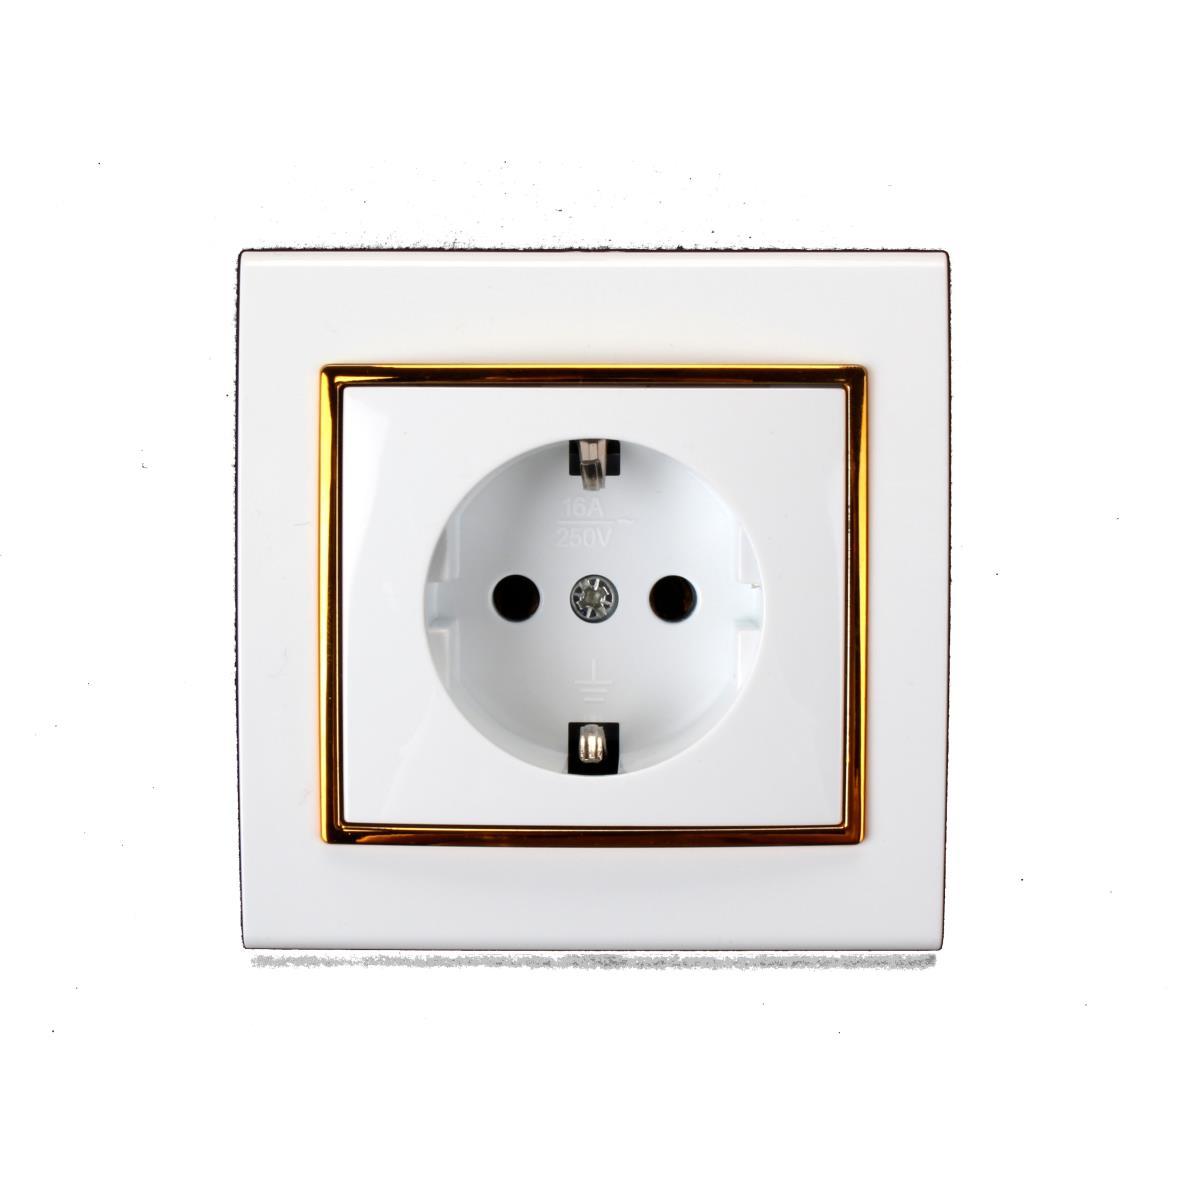 lichtschalter serienschalter dimmer steckdose farbe wei gold ebay. Black Bedroom Furniture Sets. Home Design Ideas